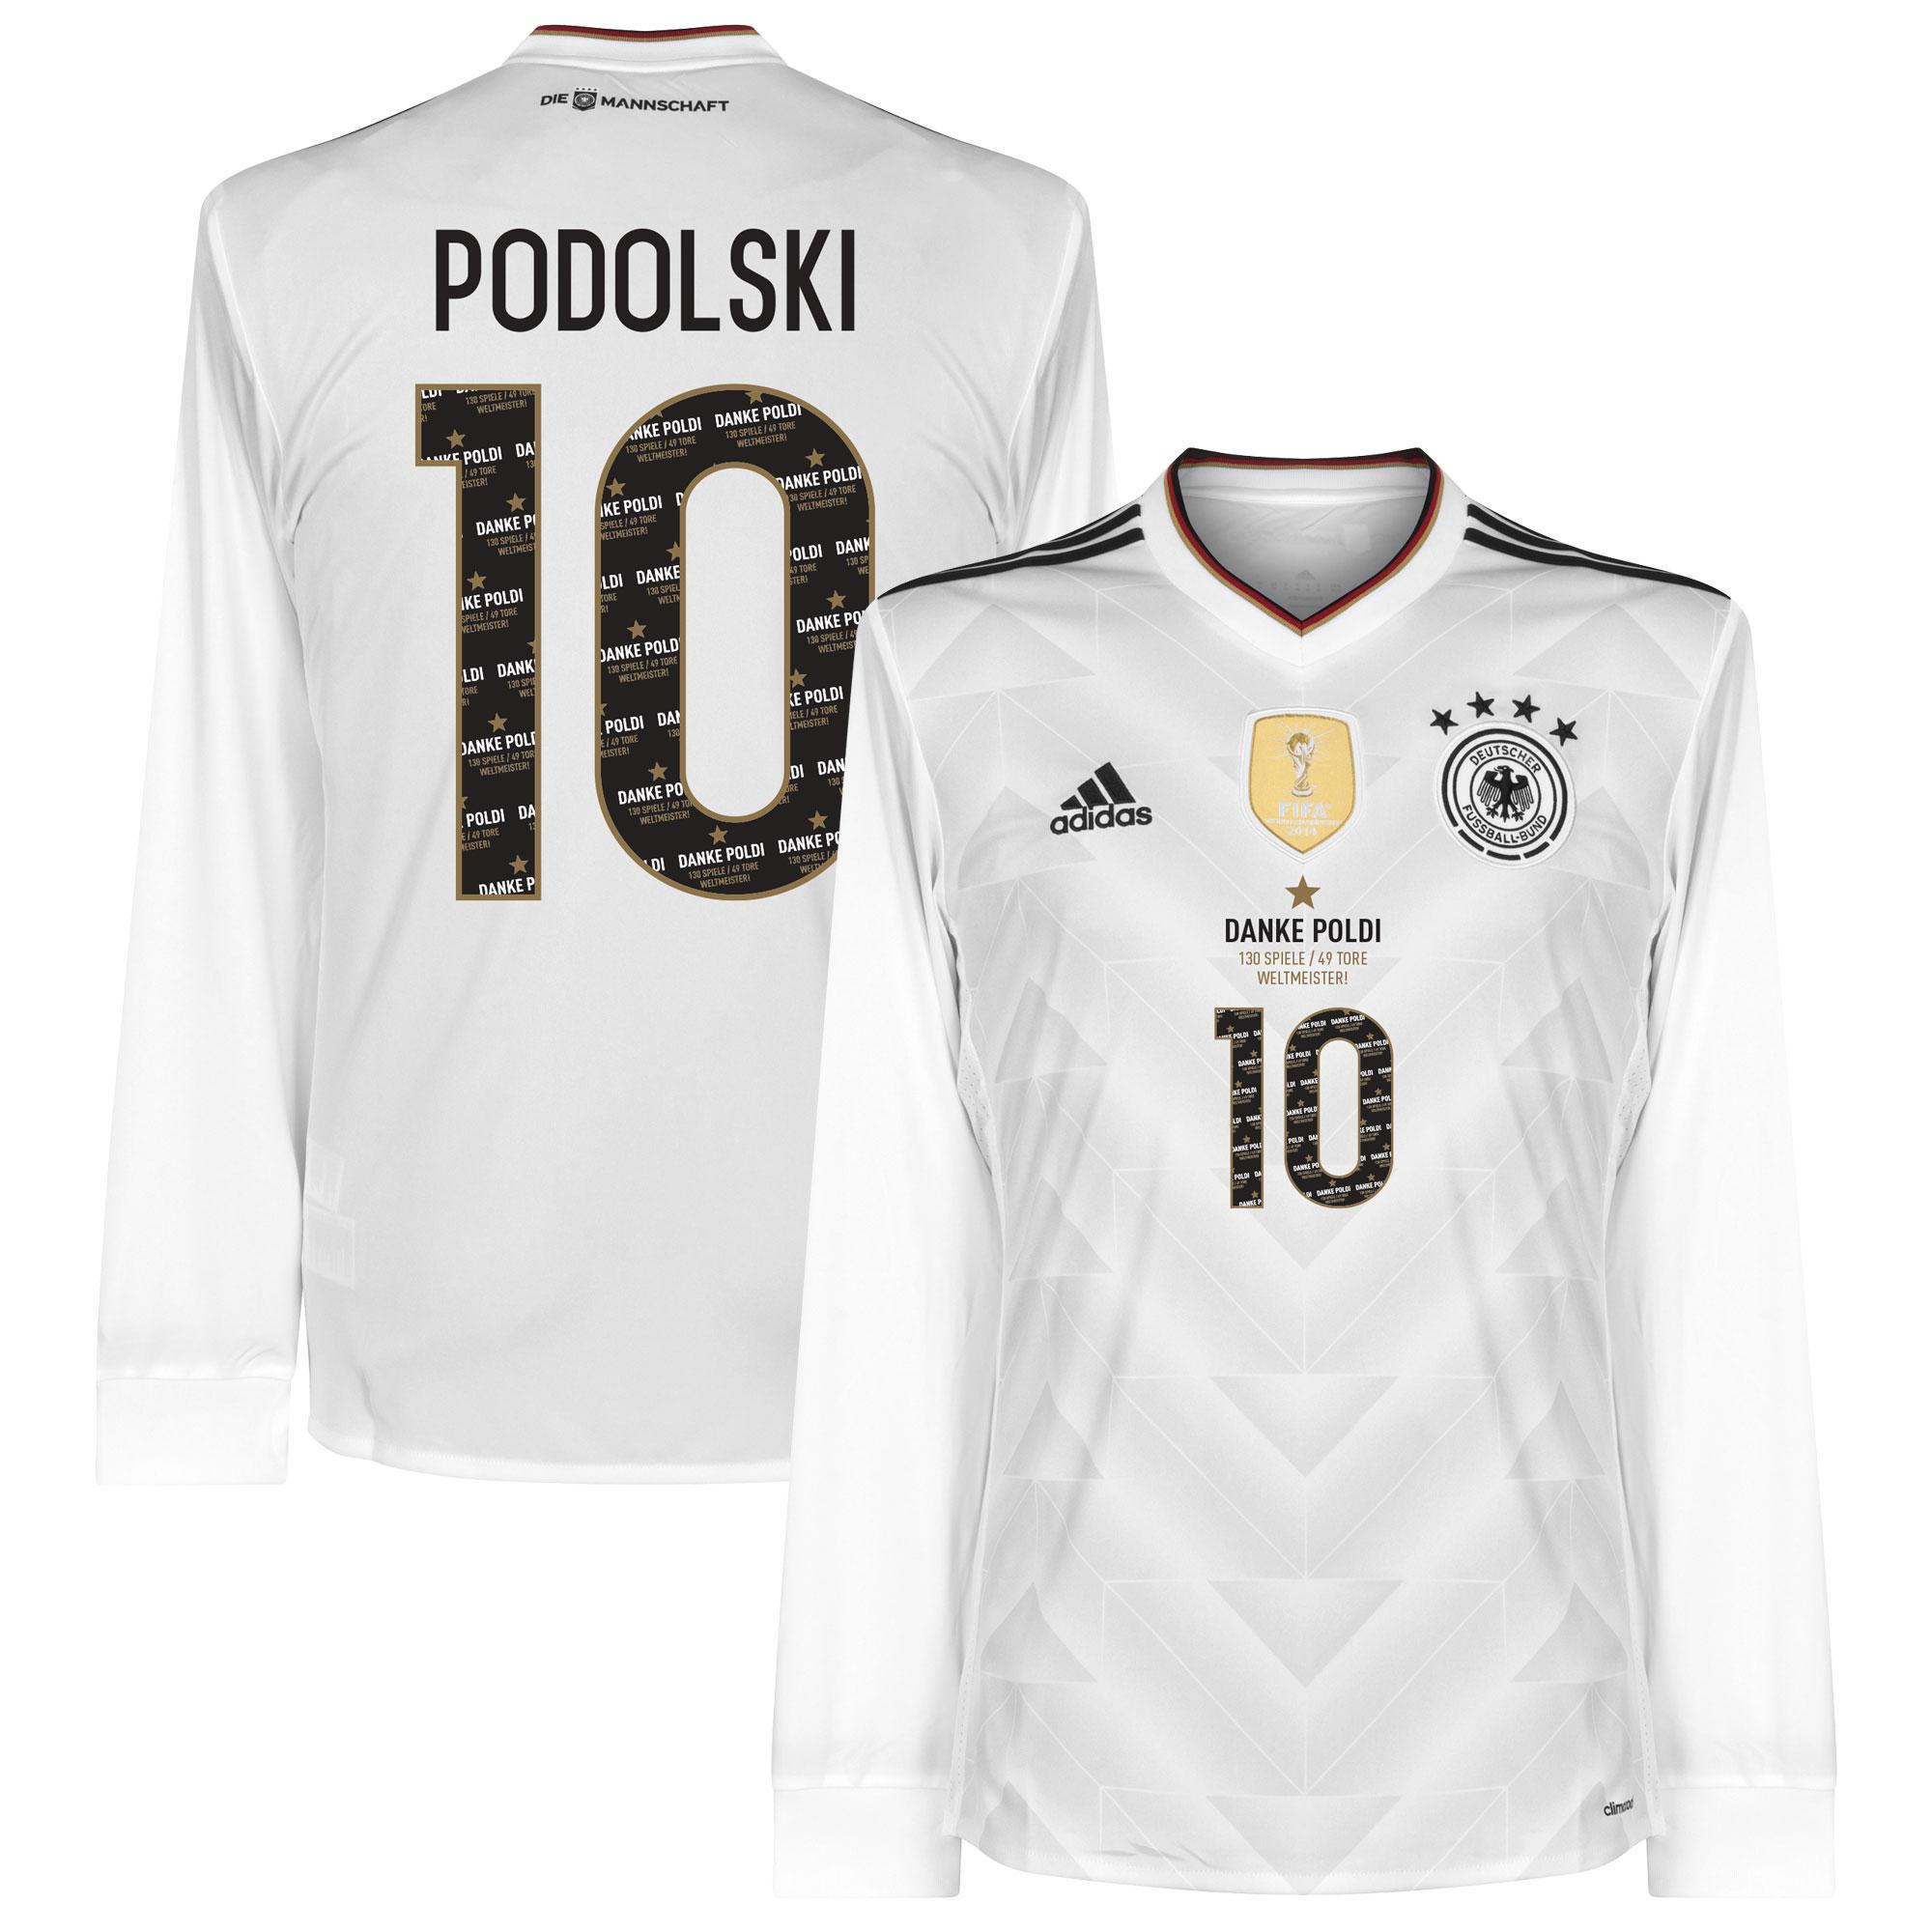 Duitsland Confederations Cup Shirt Thuis 2017 (Lange Mouwen) + Danke Podolski Bedrukking